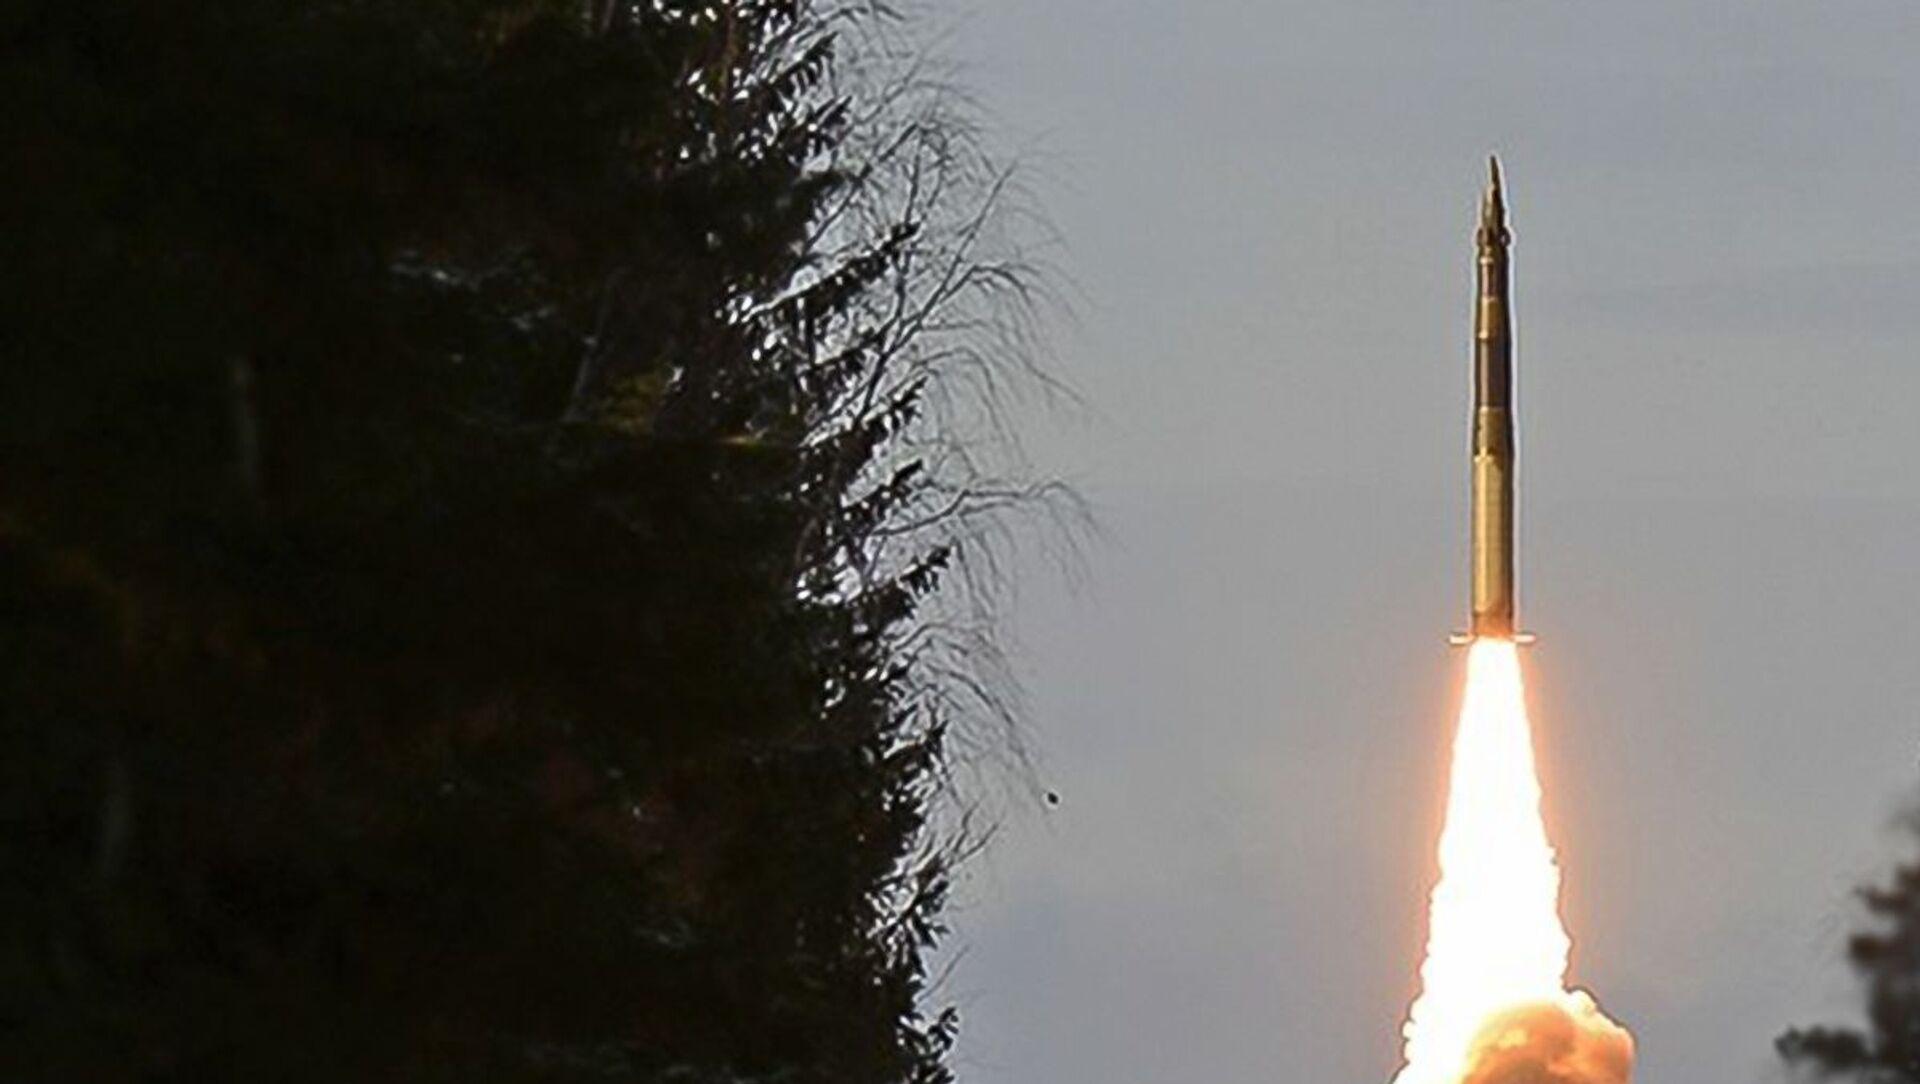 Cvičné odpálení mezikontinentální balistické rakety Jars  - Sputnik Česká republika, 1920, 03.02.2021